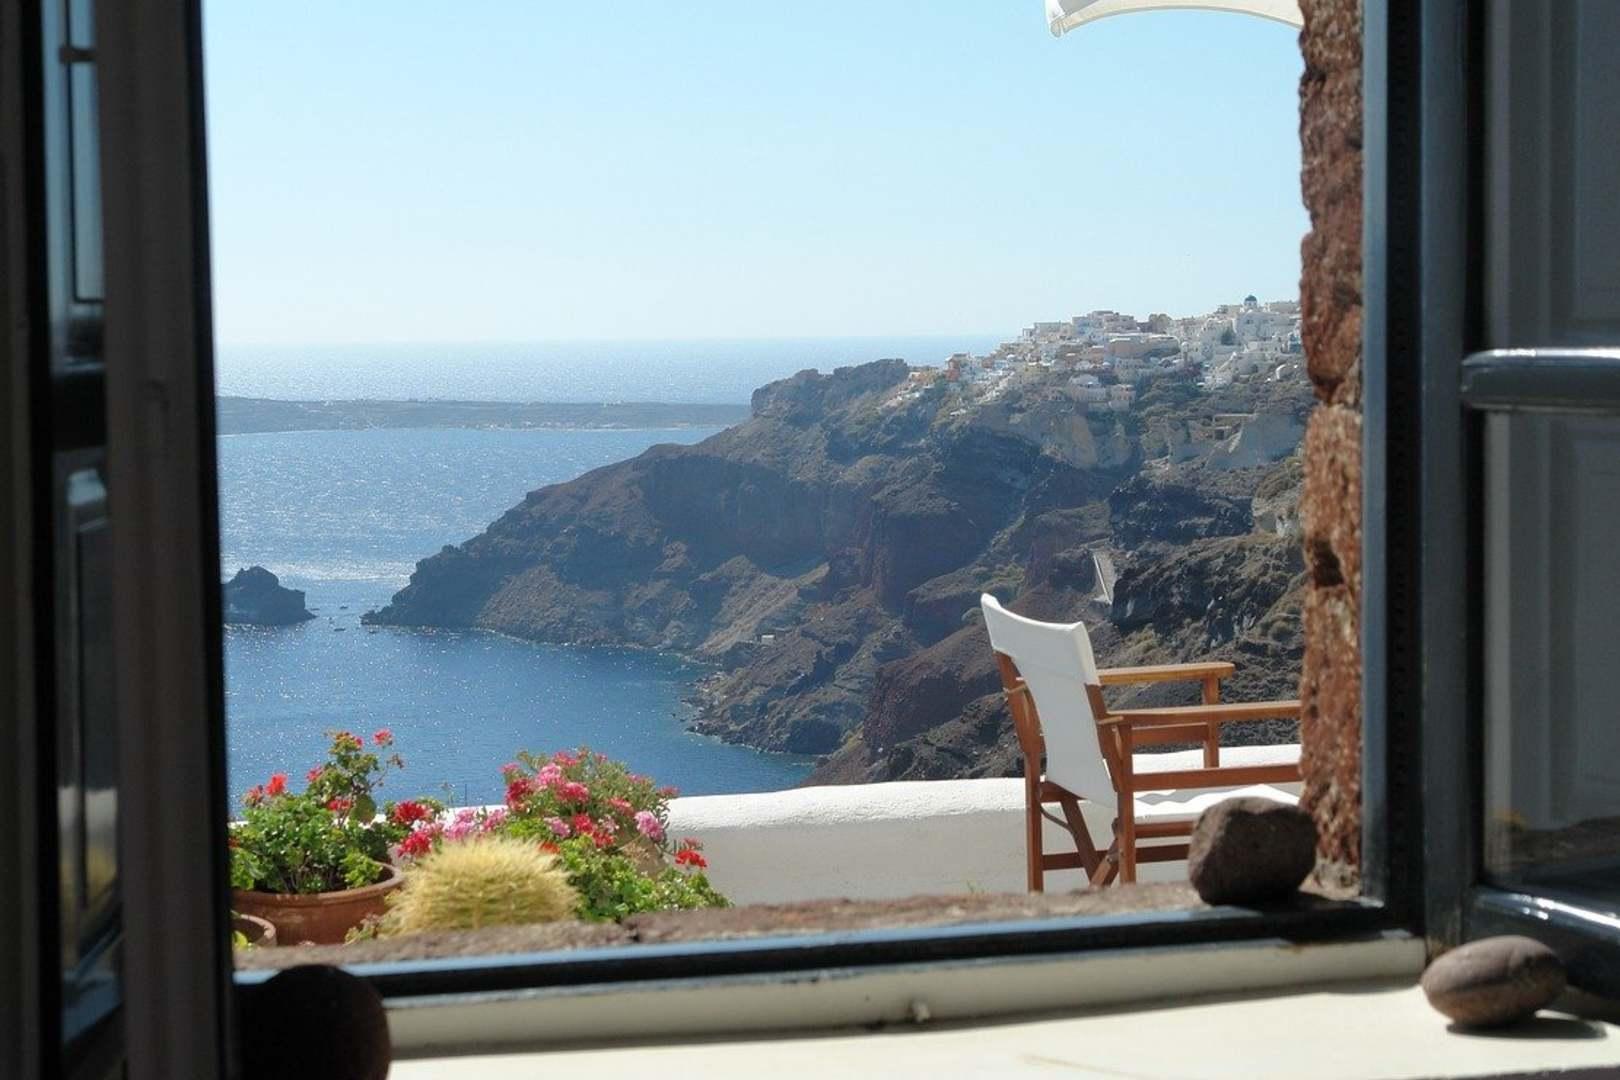 Grecja jest krajem, który najbardziej chcą odwiedzić Europejczycy